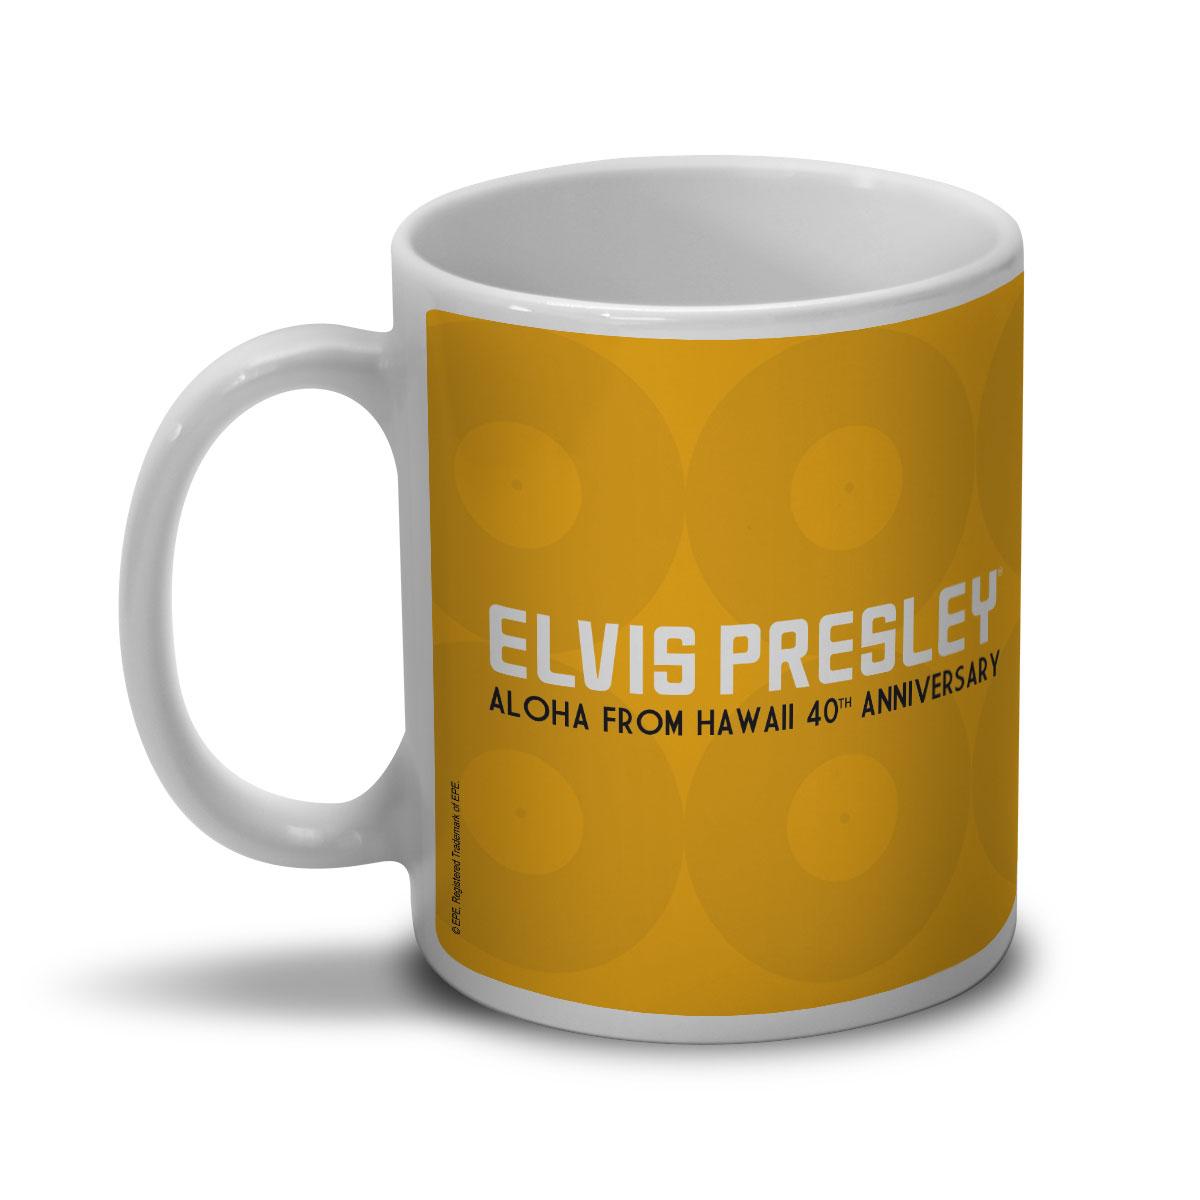 Caneca Elvis Aloha From Hawaii 40th Anniversary